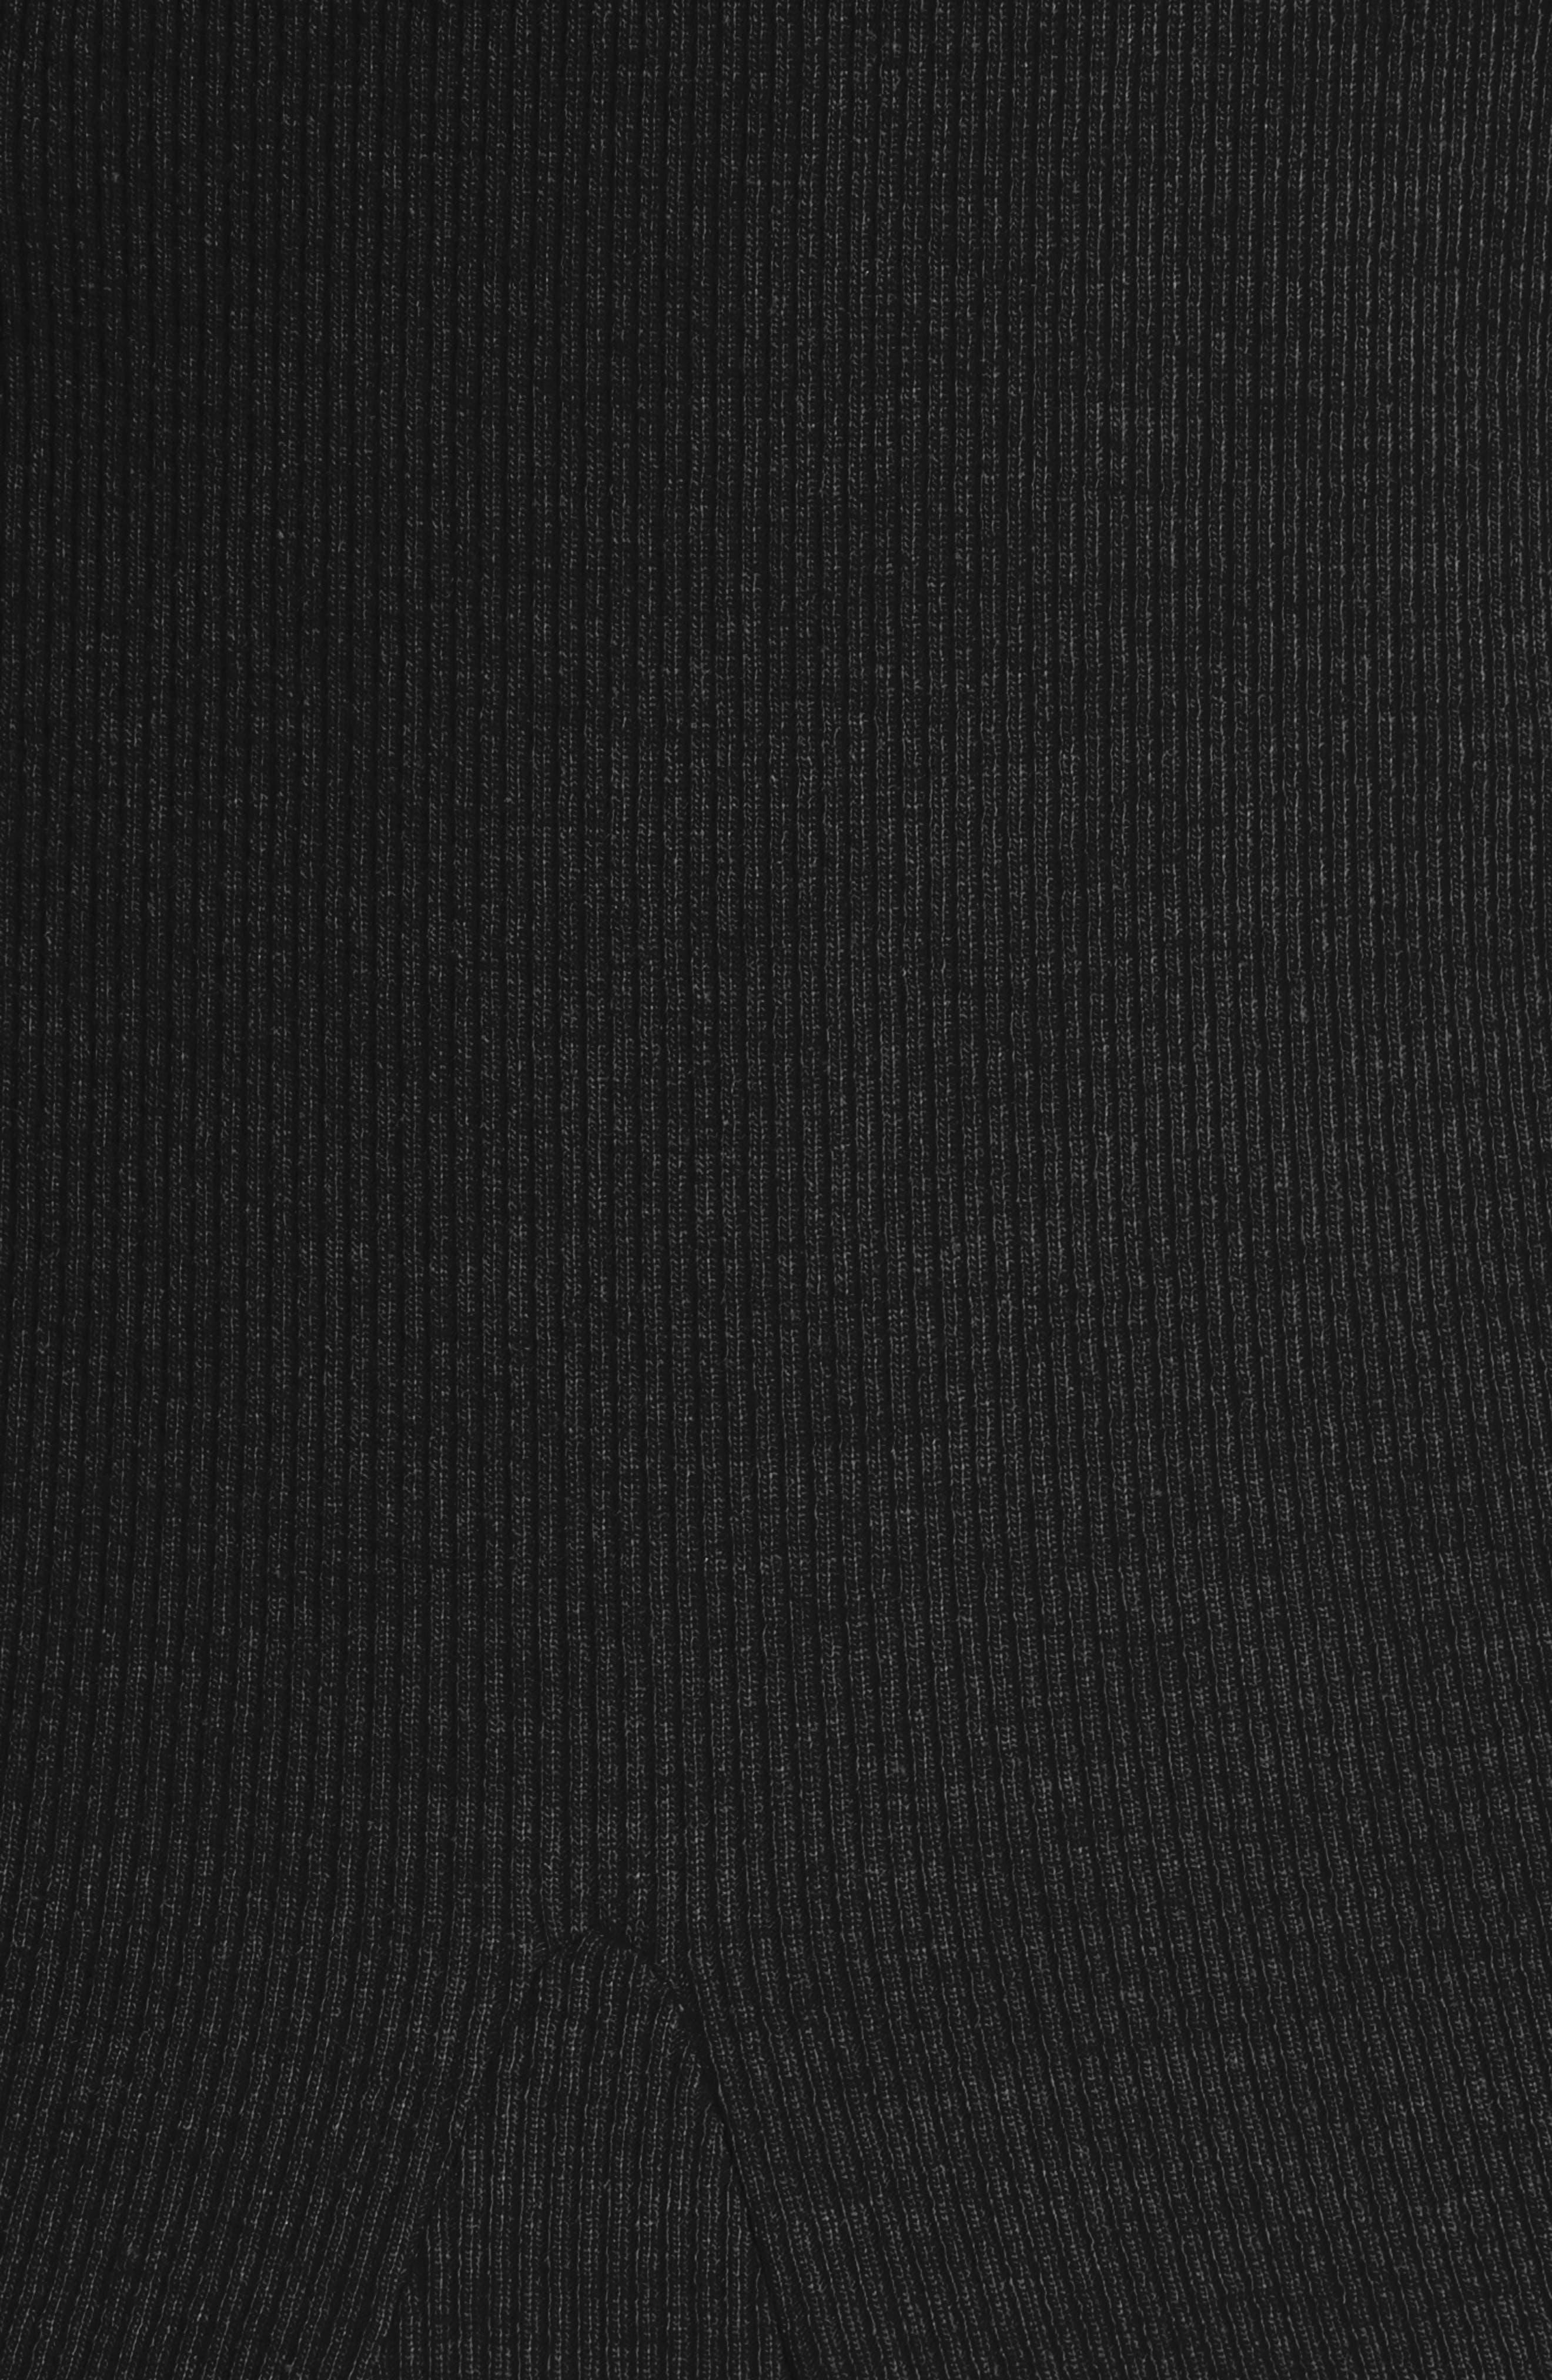 Dione One-Shoulder Dress,                             Alternate thumbnail 5, color,                             Black